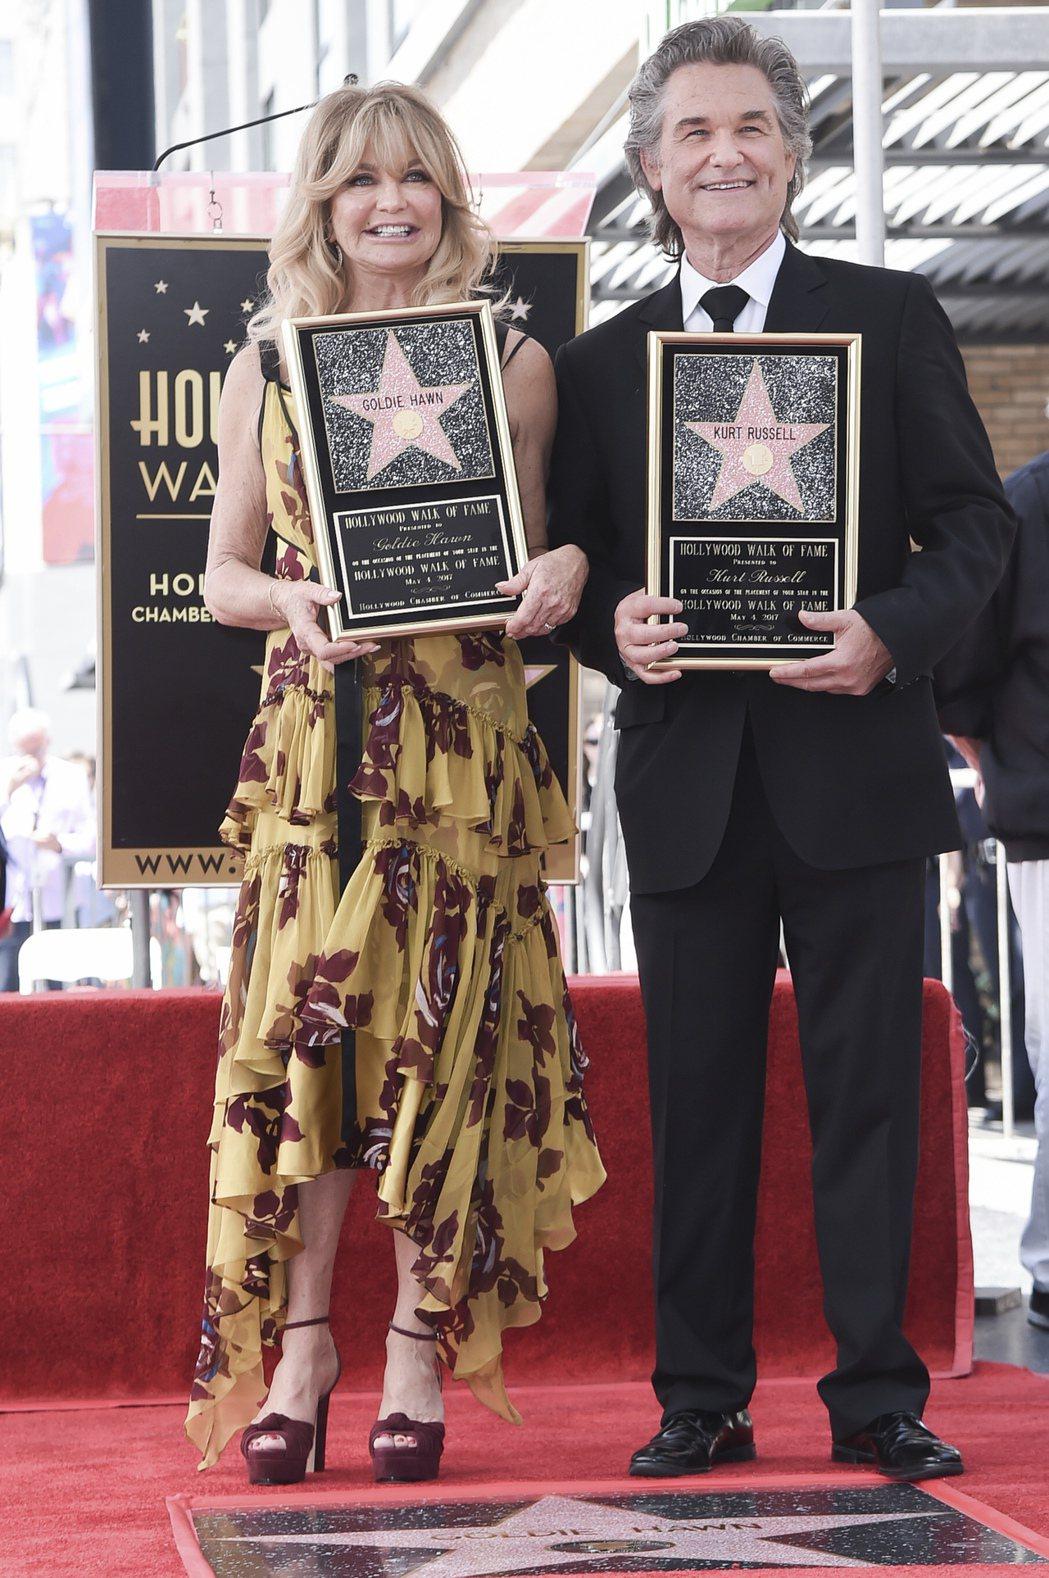 美國男星寇特羅素和女星歌蒂韓名留好萊塢星光大道(Walk of Fame),獲得...